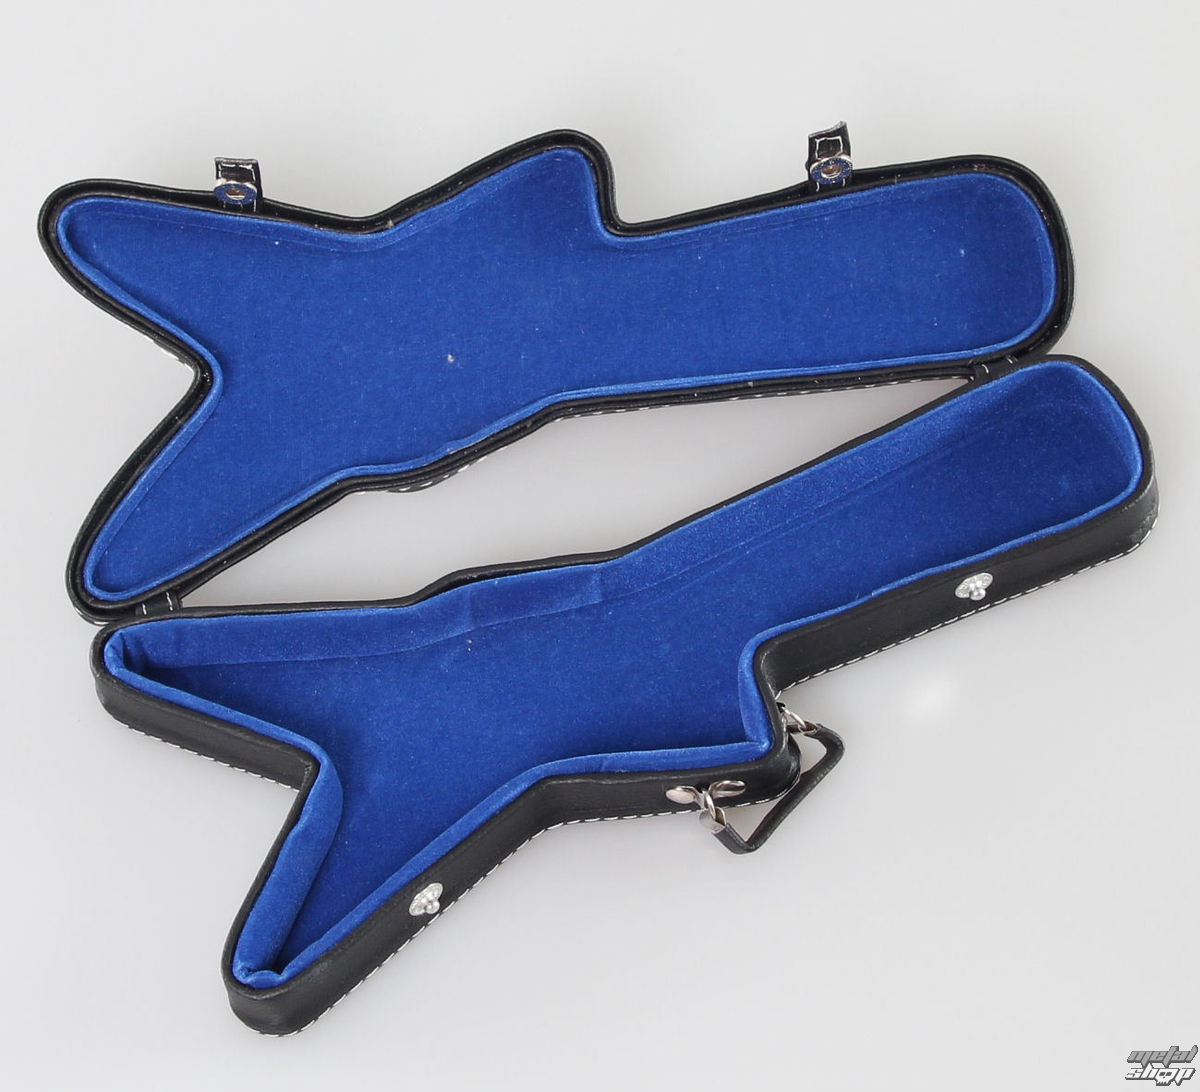 pouzdro na kytaru 2 - modrý vnitřek